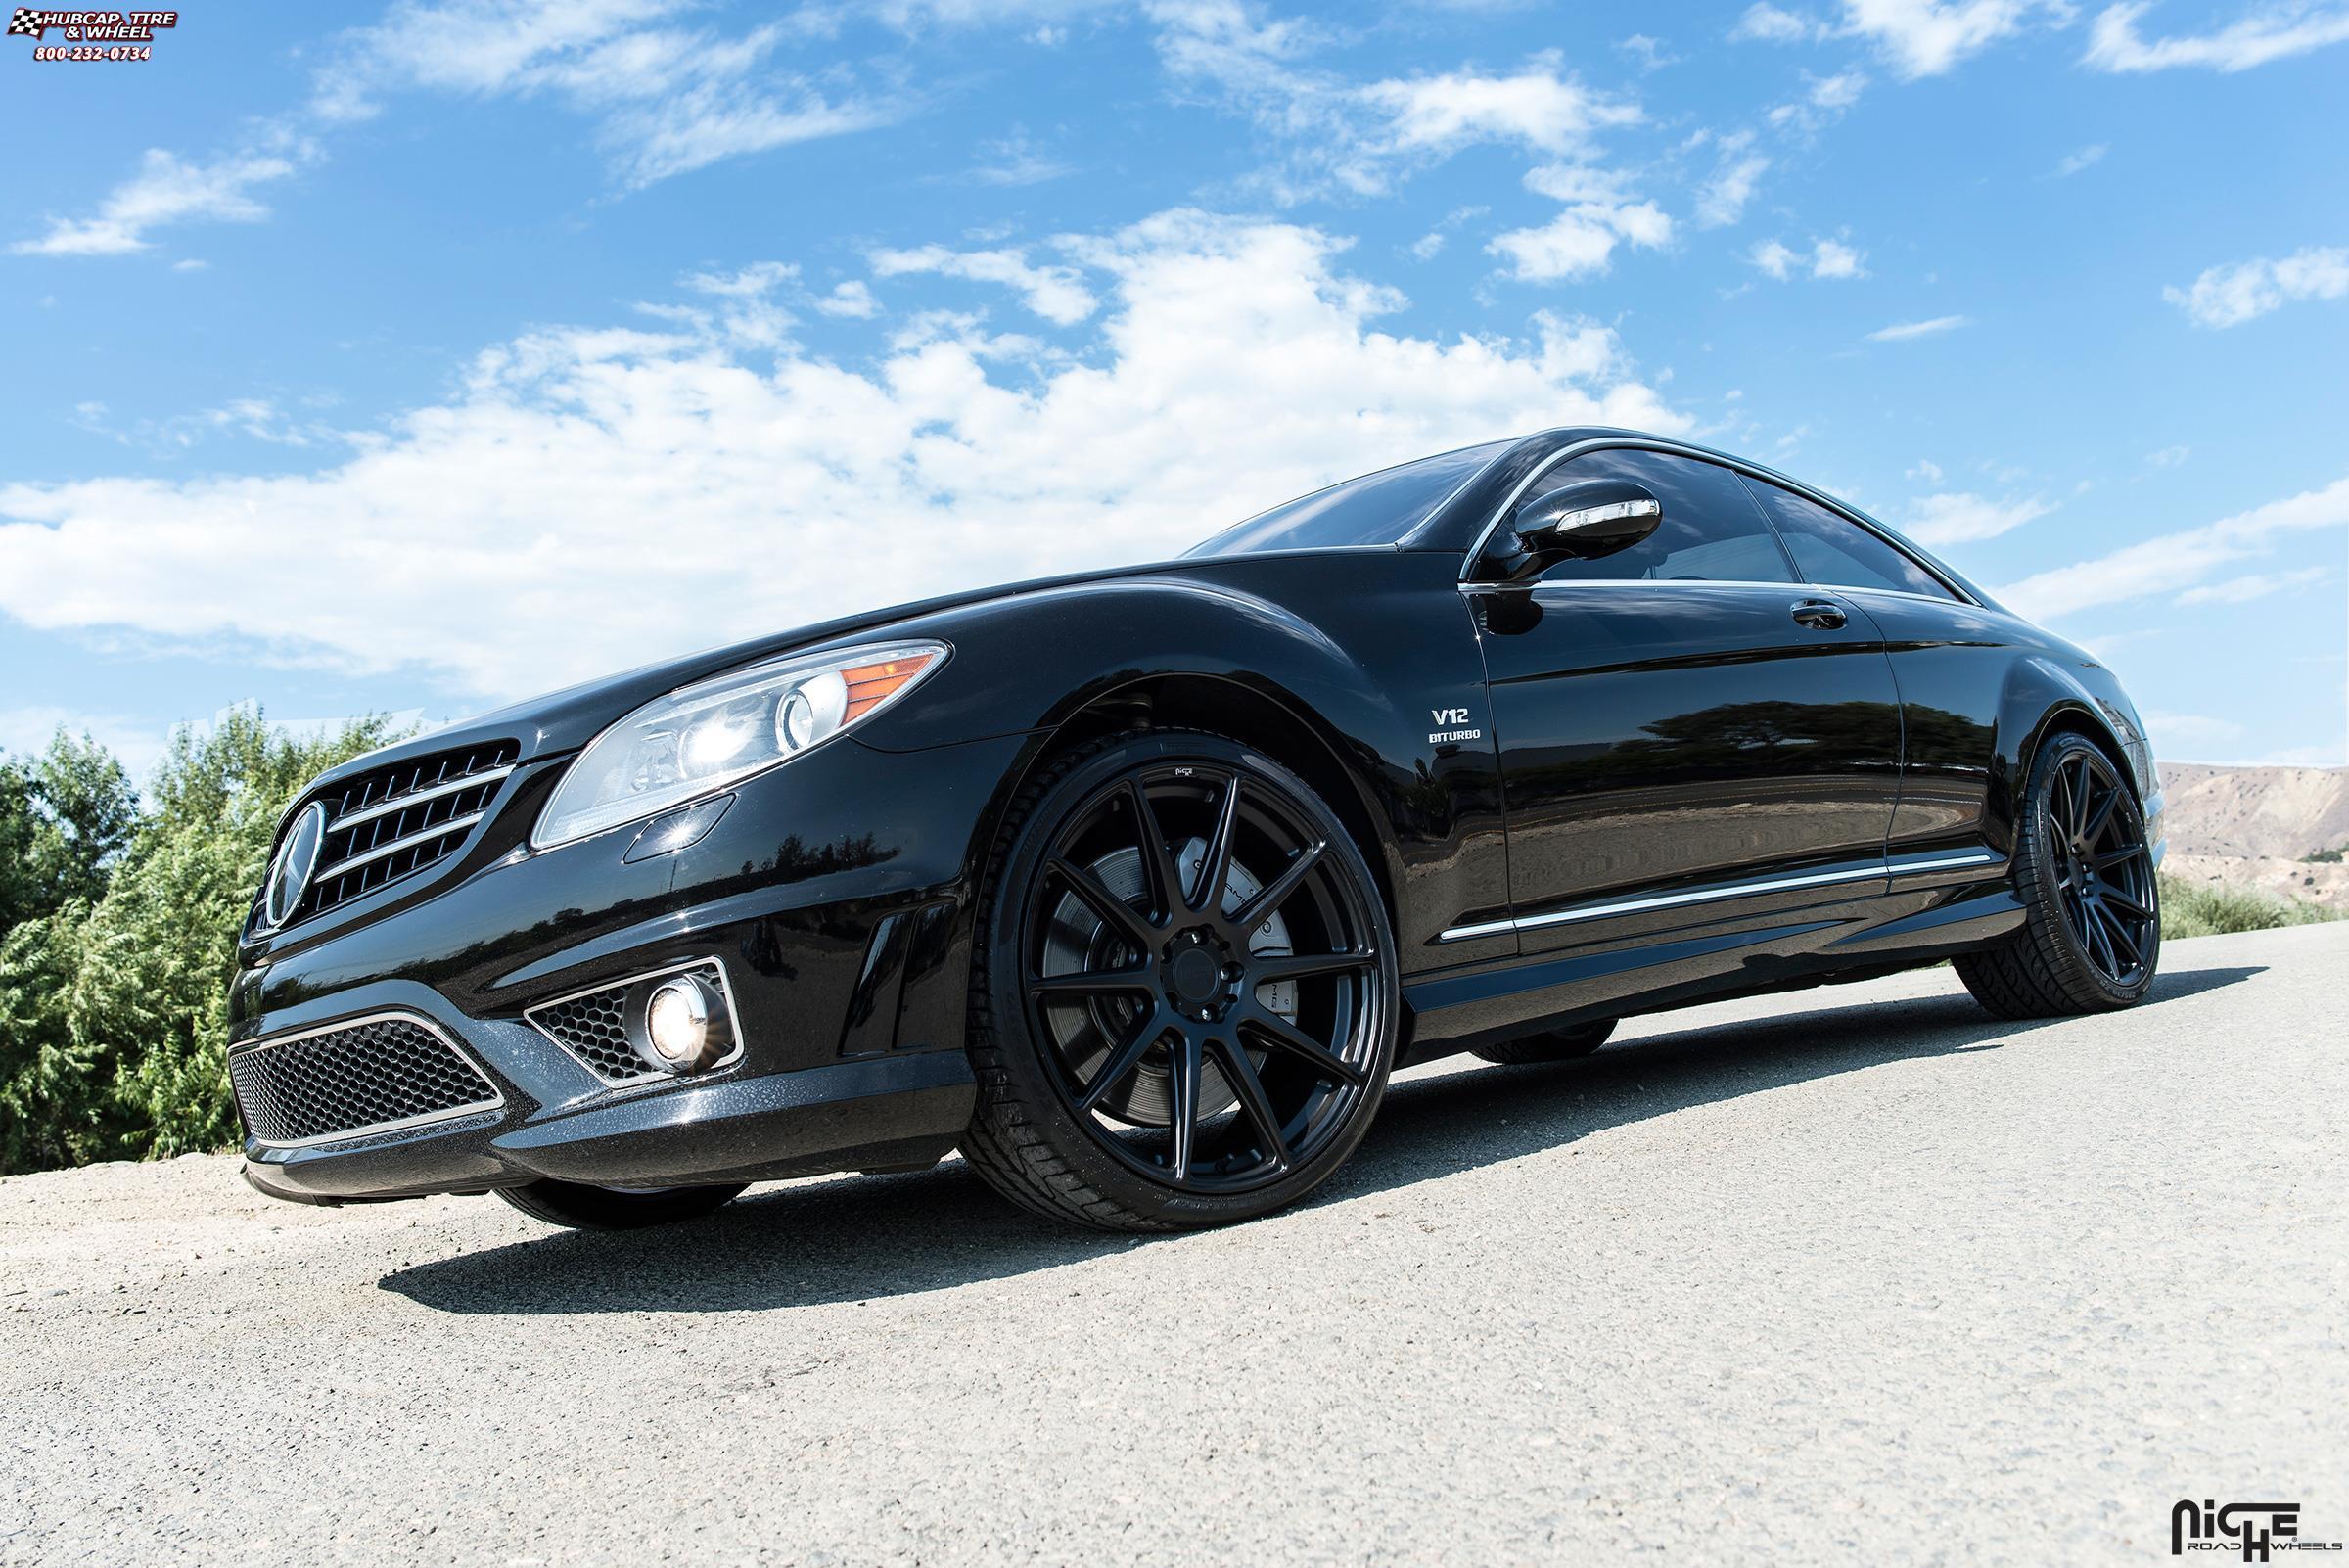 Mercedes benz cl65 niche essen m147 wheels matte black for Mercedes benz cl65